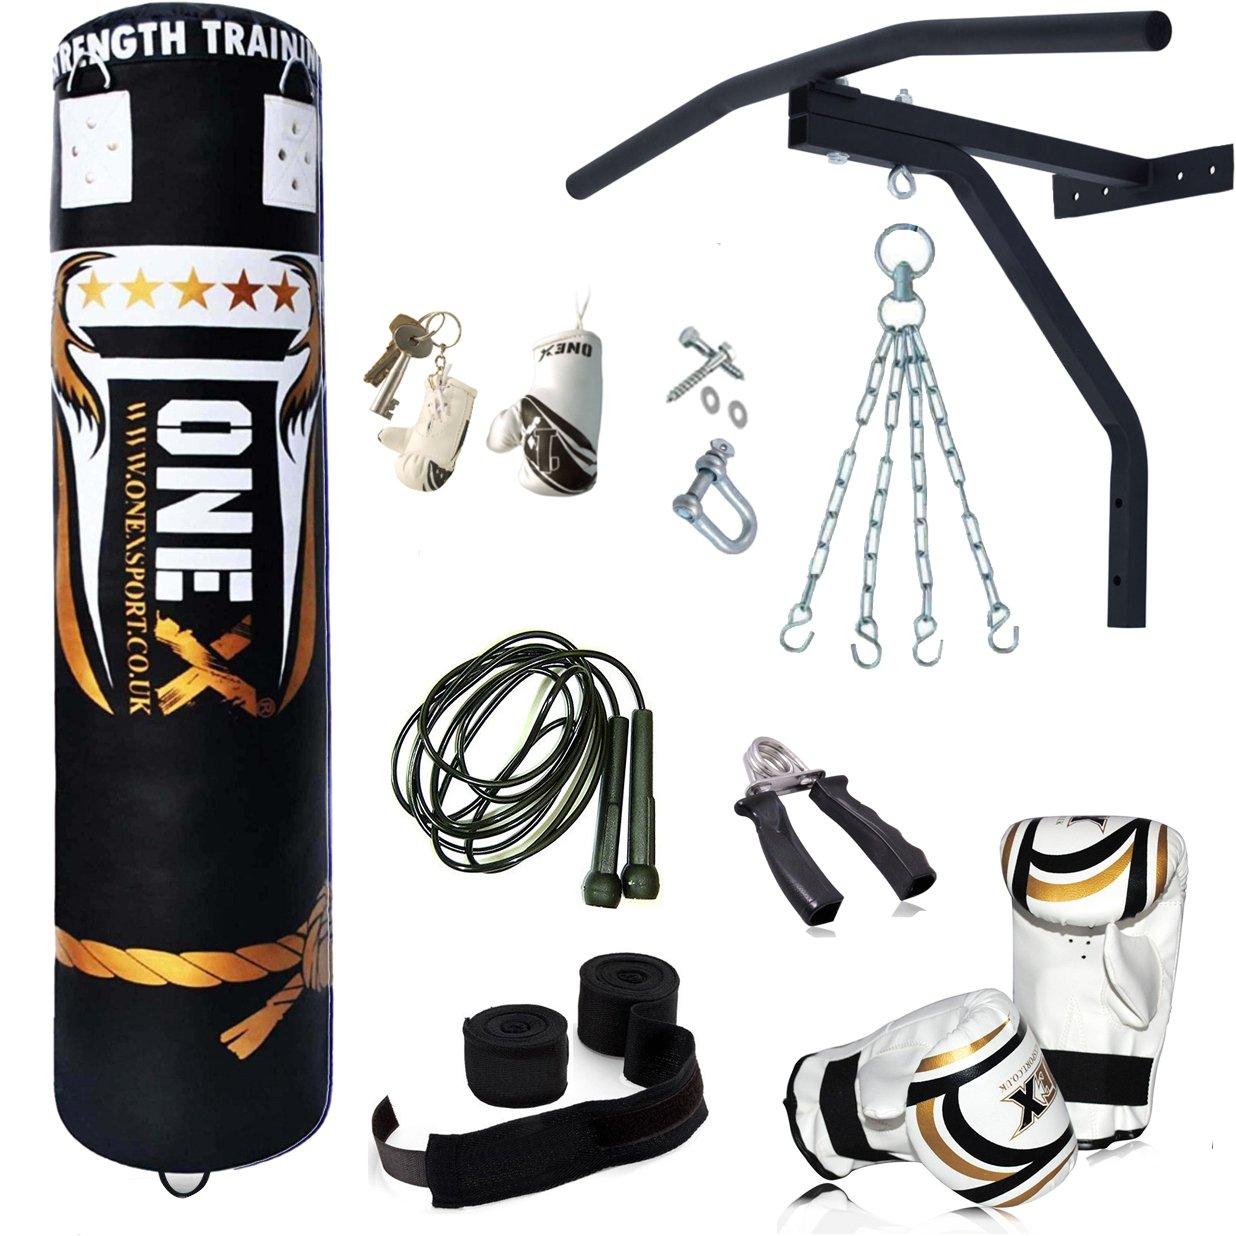 Onex Juego DE 13 Guantes de Boxeo con Relleno de MMA, Diseño ...